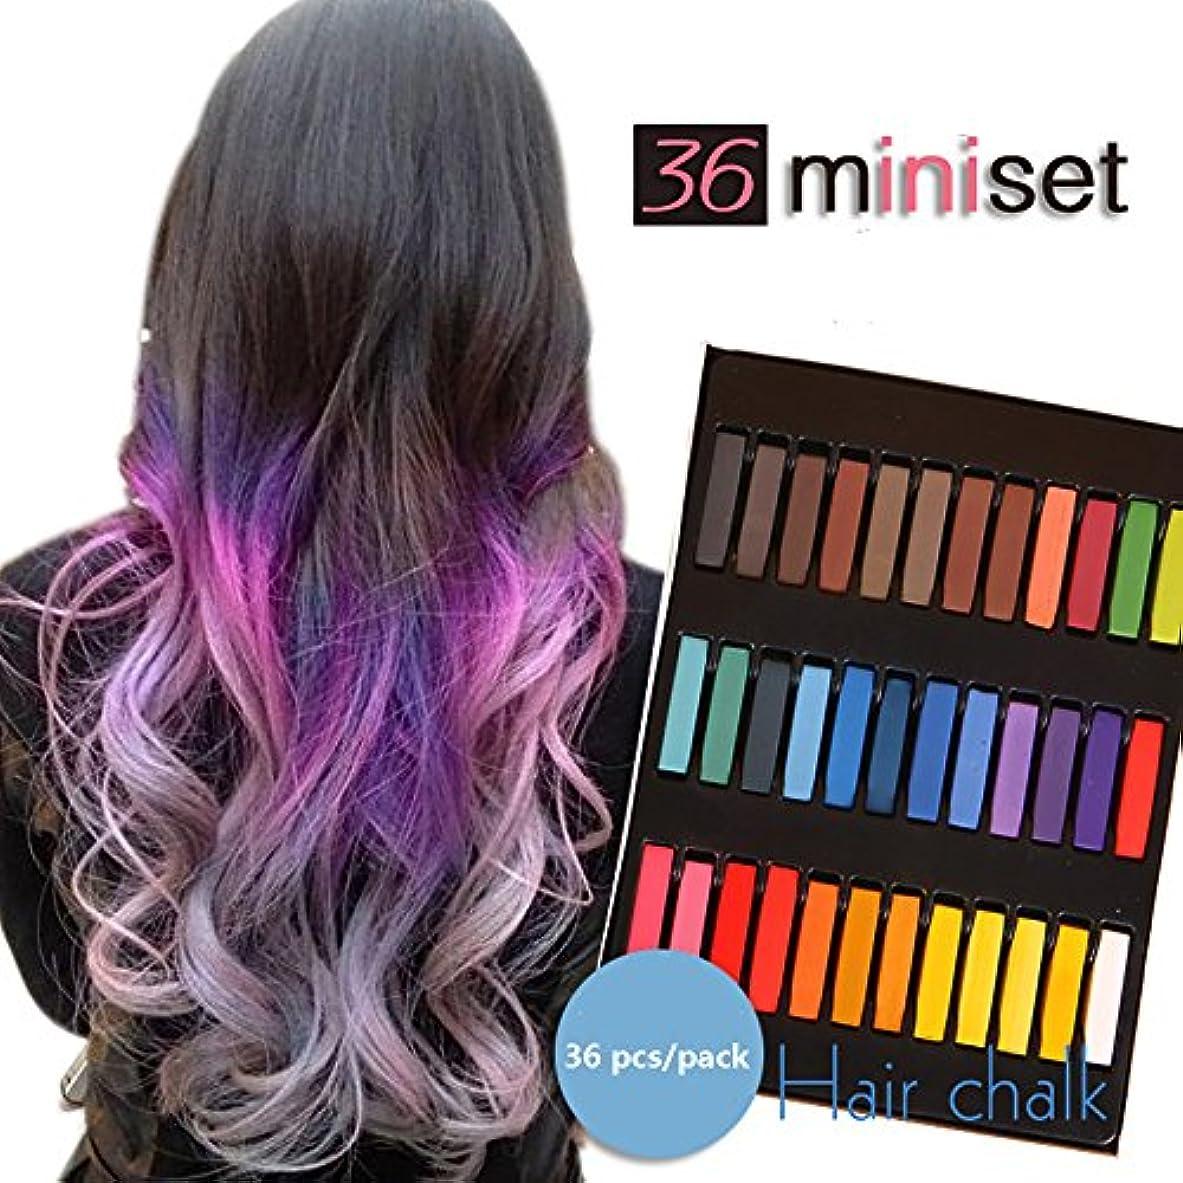 裏切り者拾う単独で大ブレイク中!HAIR CHALKIN 選べる 6色/12色/24色/36色 髪専用に開発された安心商品! ヘアチョーク ヘアカラーチョーク 一日だけのヘアカラーでイメチェンが楽しめる!美容室のヘアカラーでは表現しづらい...